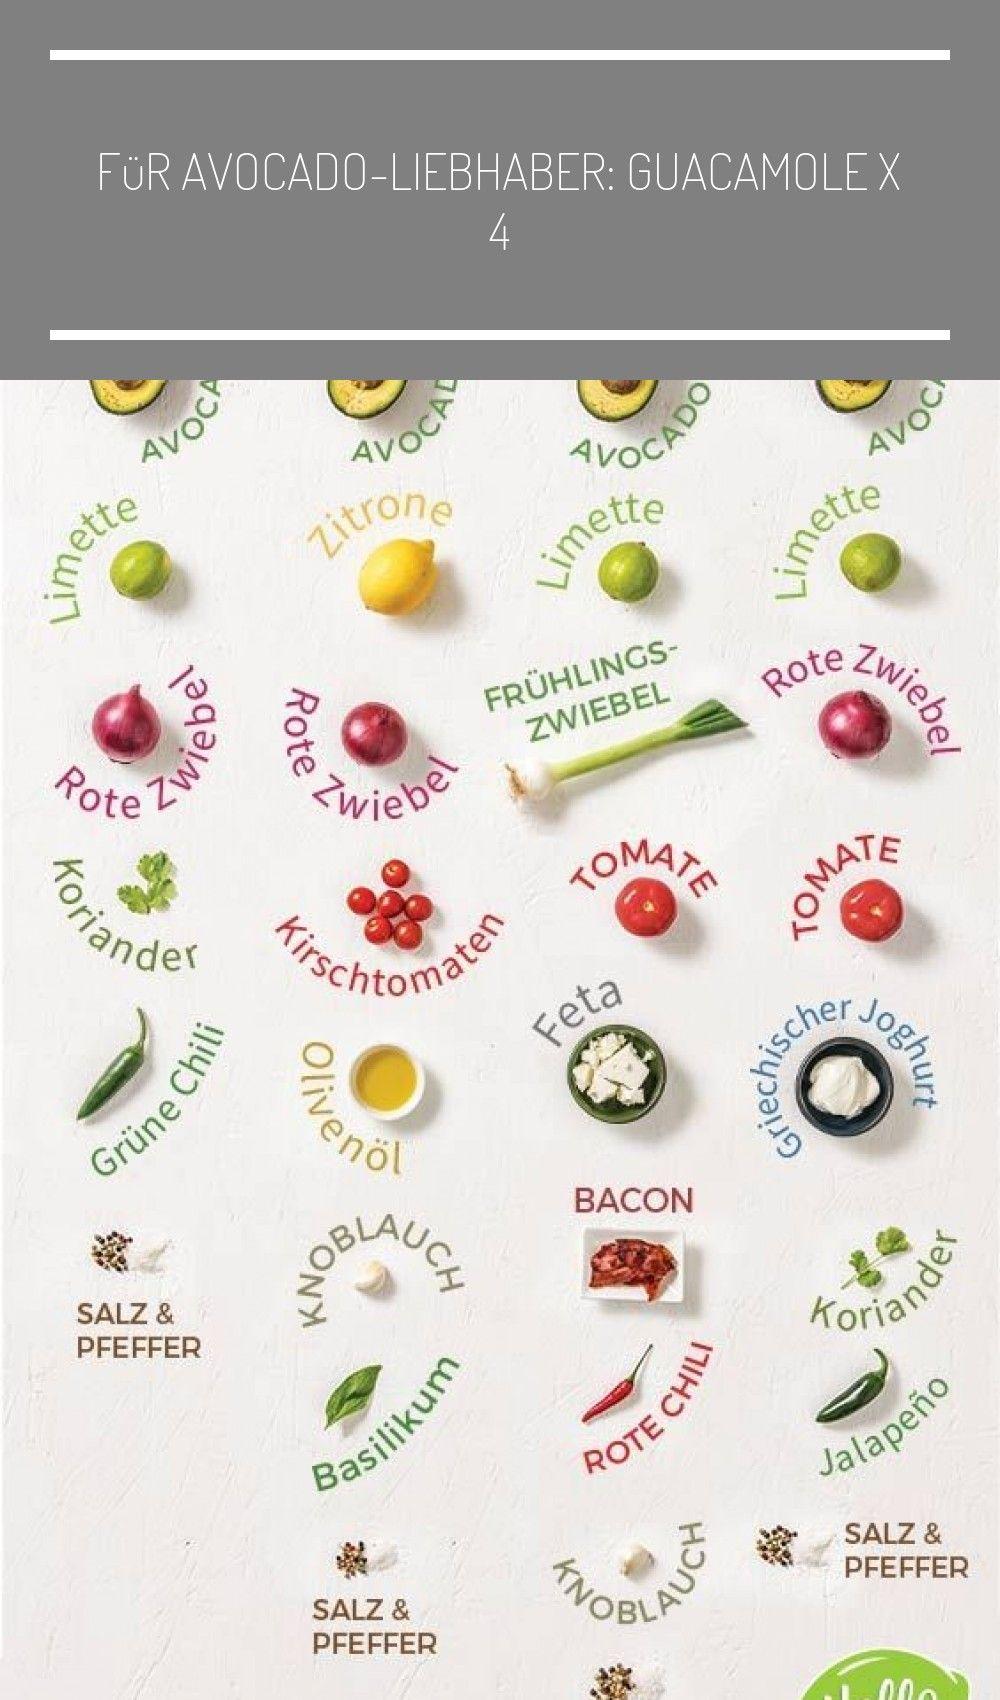 Rezept: Gaucamole selber machen - leckere Rezepte fpr Avocadocreme. Avocado zubereiten. Leckere Dip